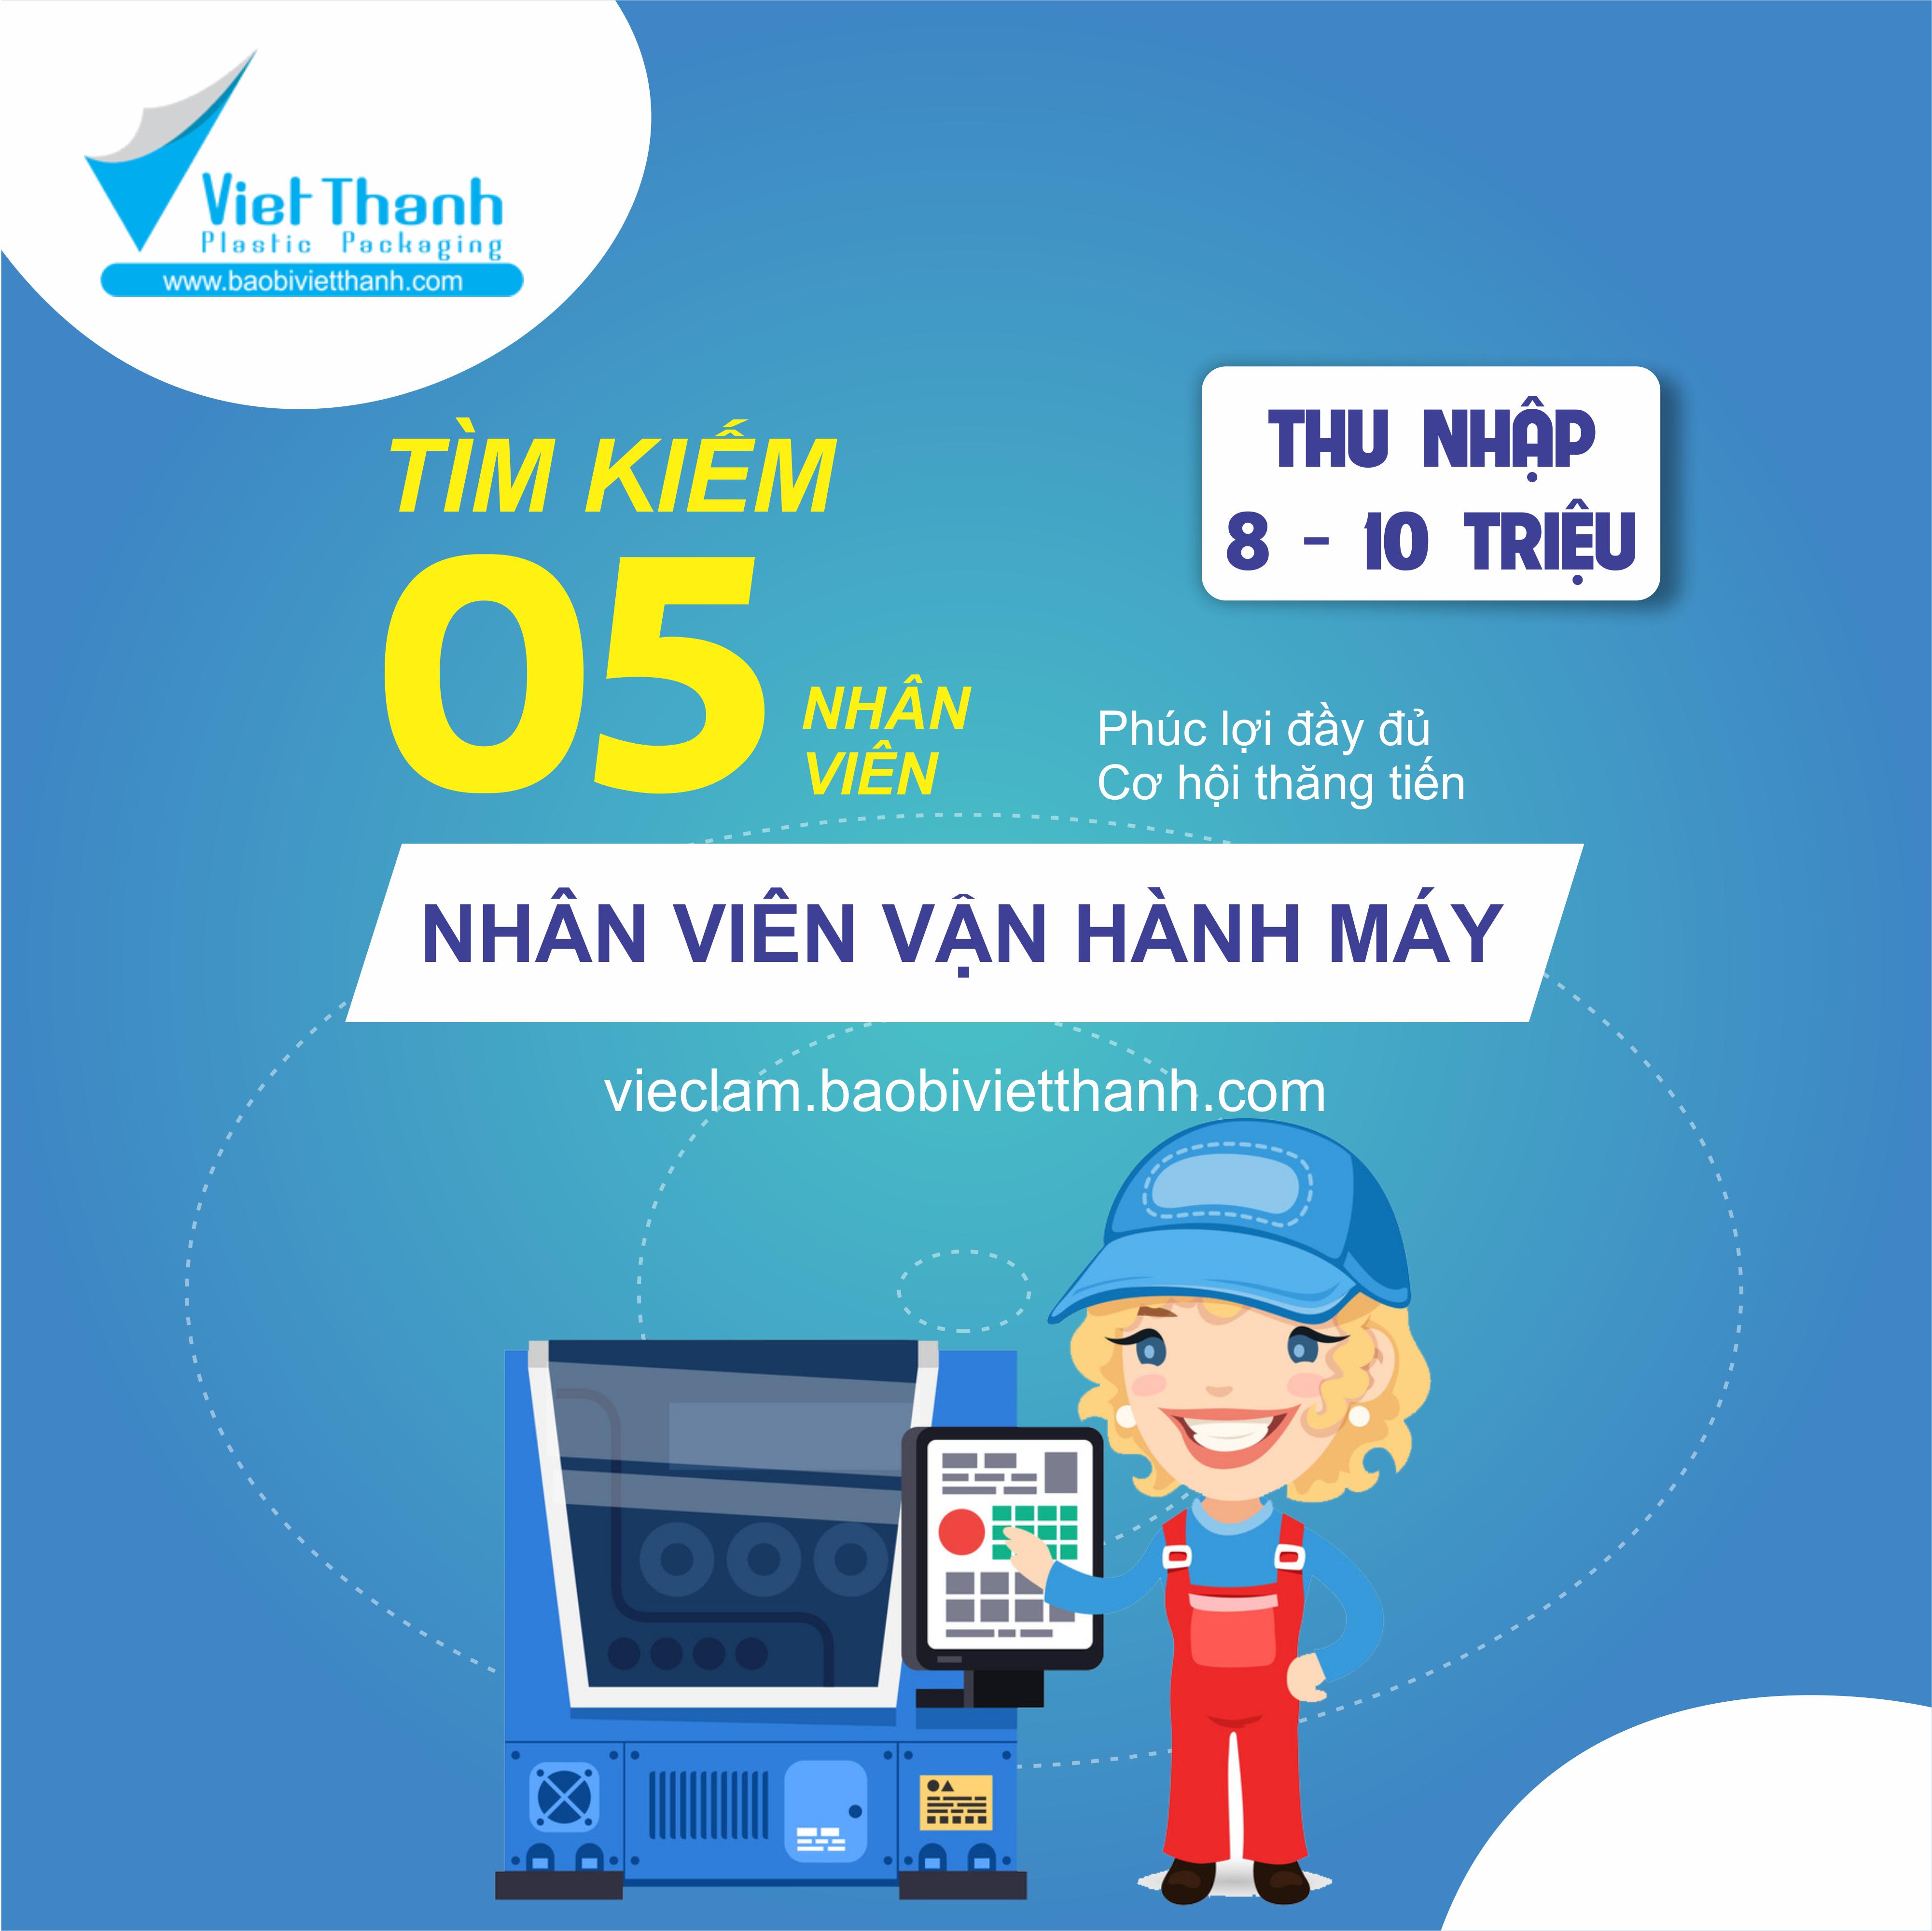 Việt Thành tuyển dụng 05 nhân viên vận hành máy